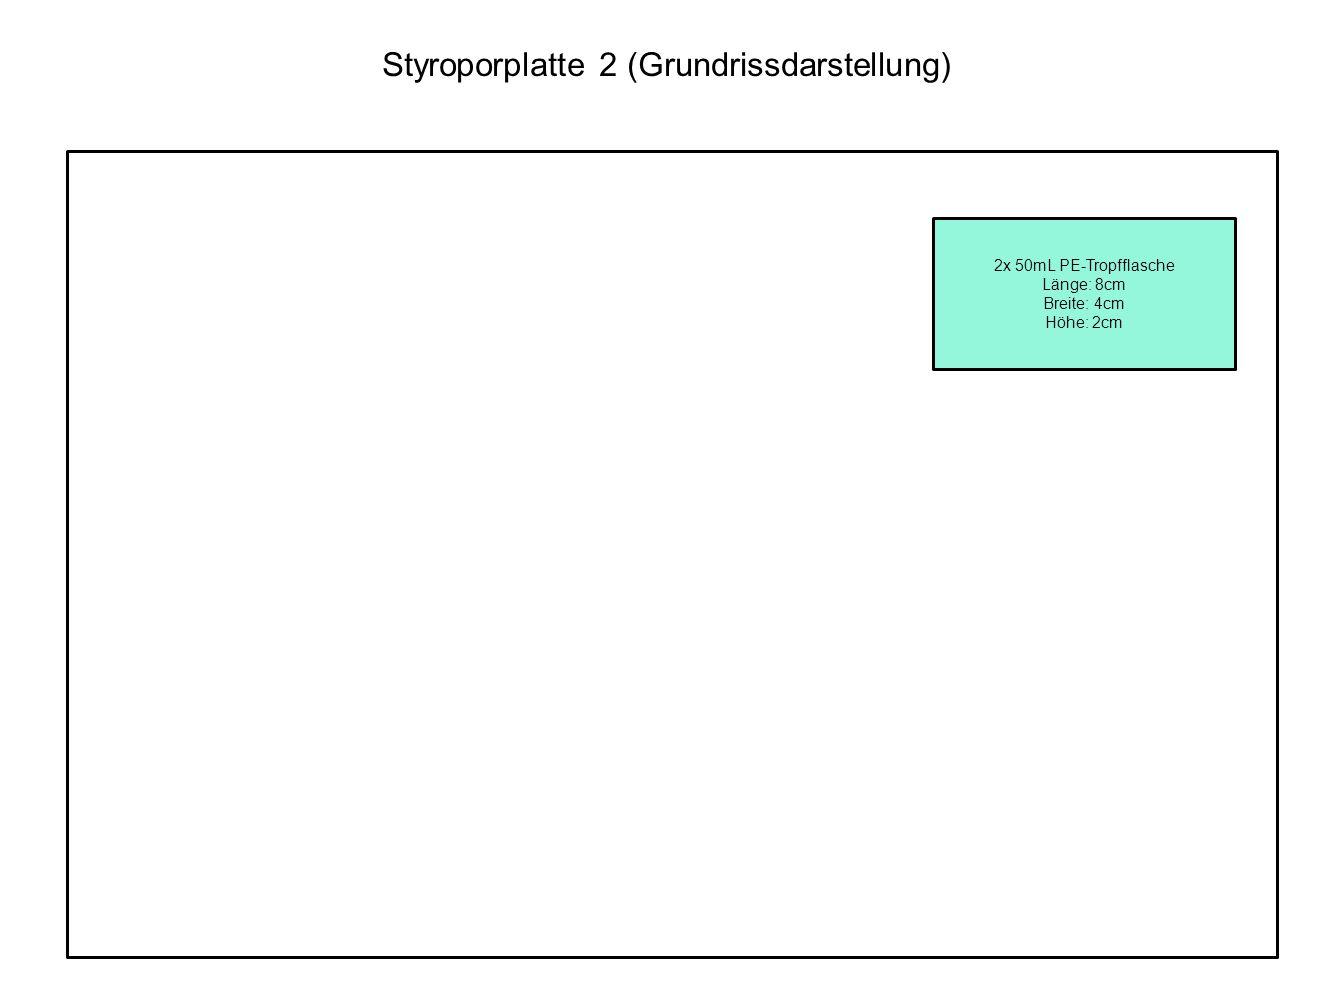 Styroporplatte 2 (Grundrissdarstellung)